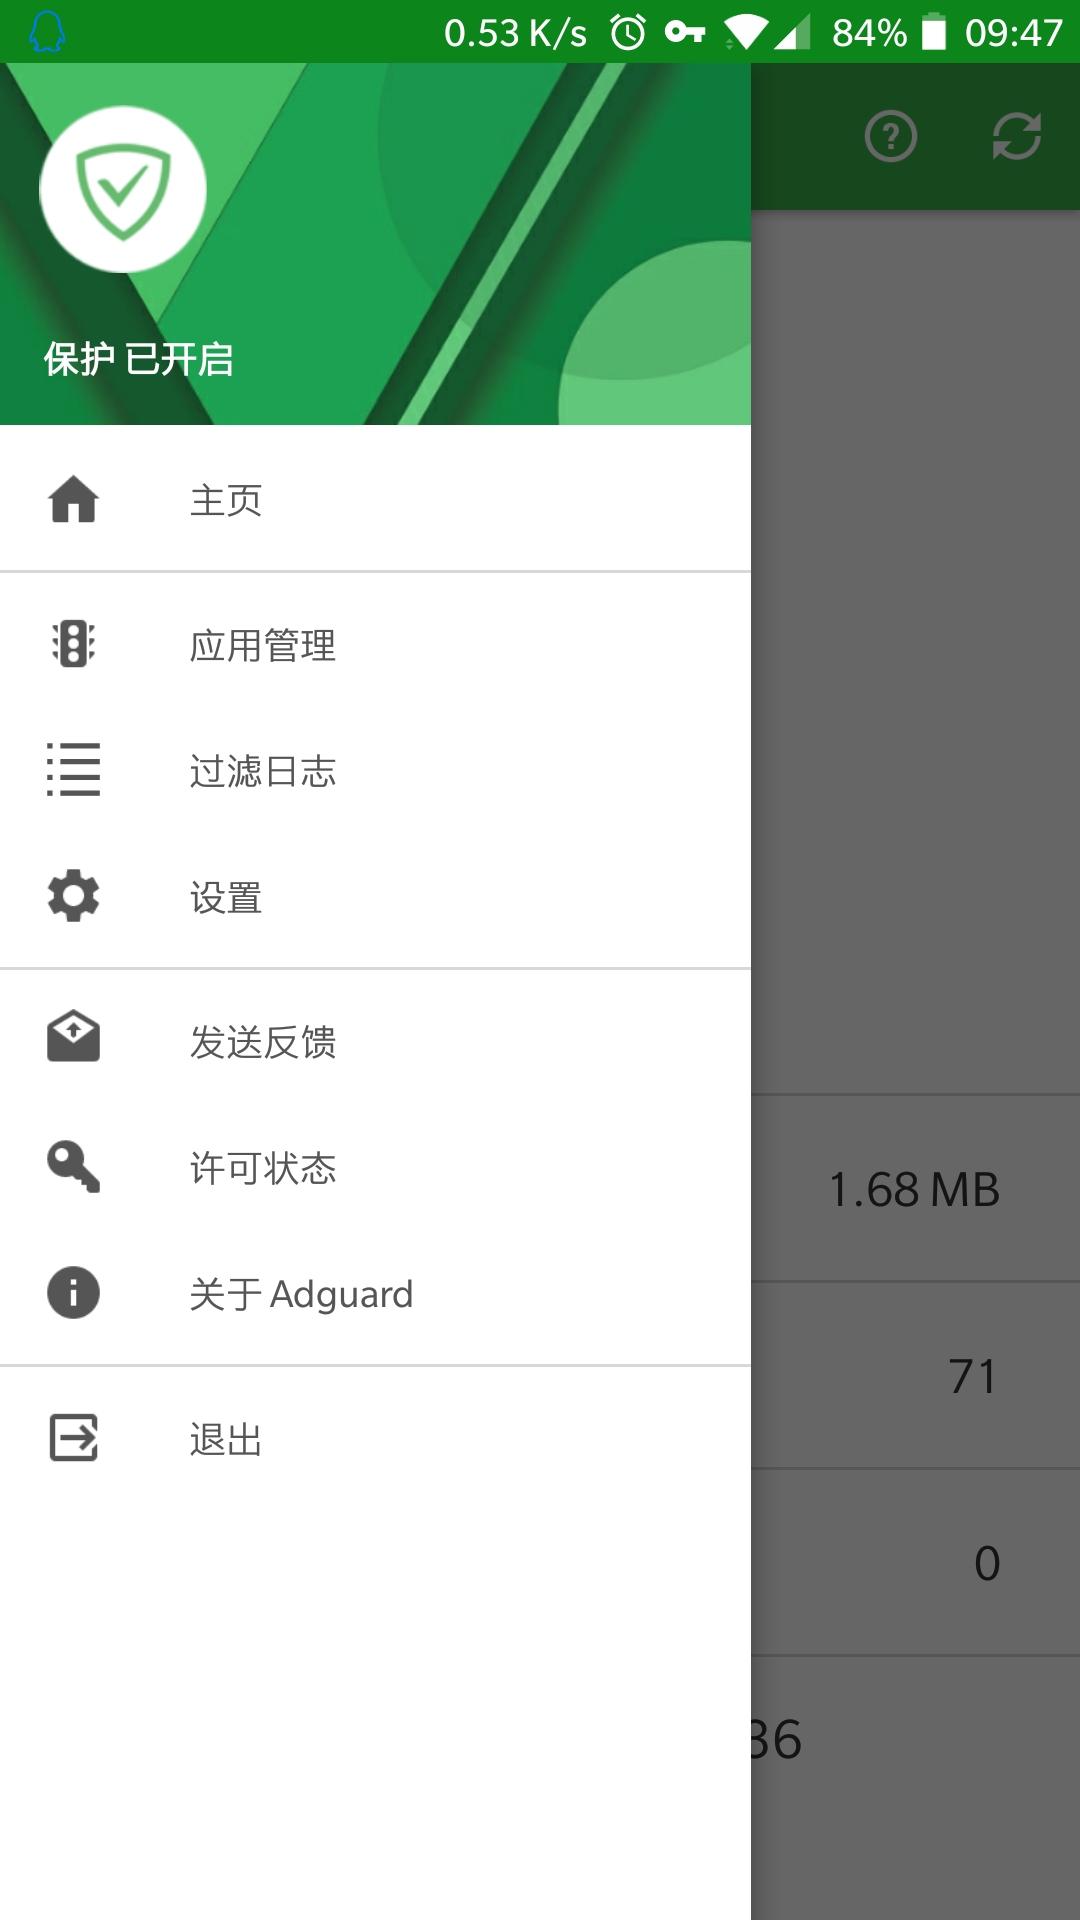 Screenshot_20170728-094755.jpg